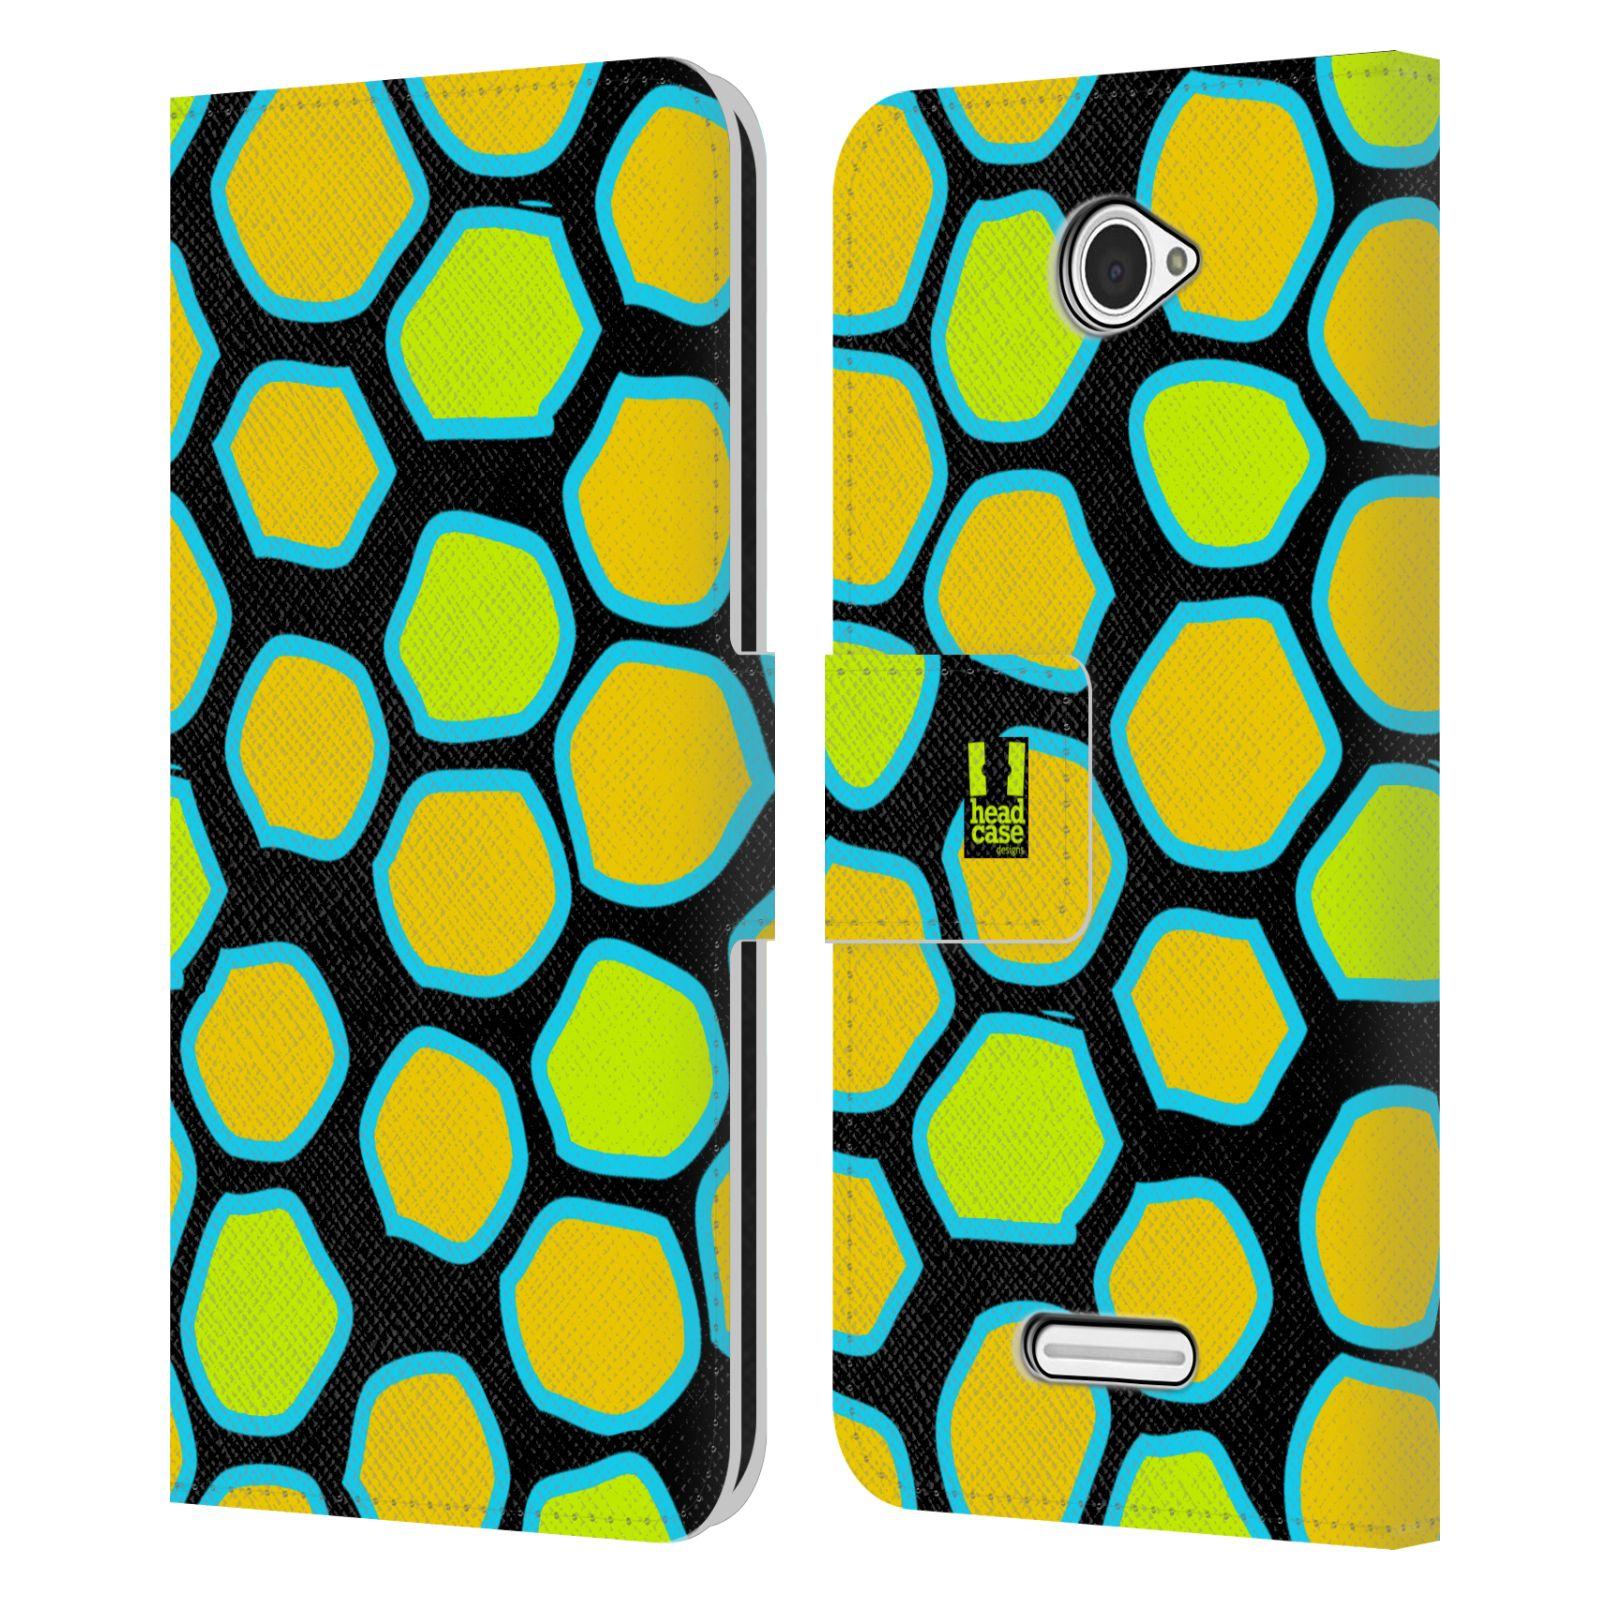 HEAD CASE Flipové pouzdro pro mobil SONY XPERIA E4 Zvířecí barevné vzory žlutý had